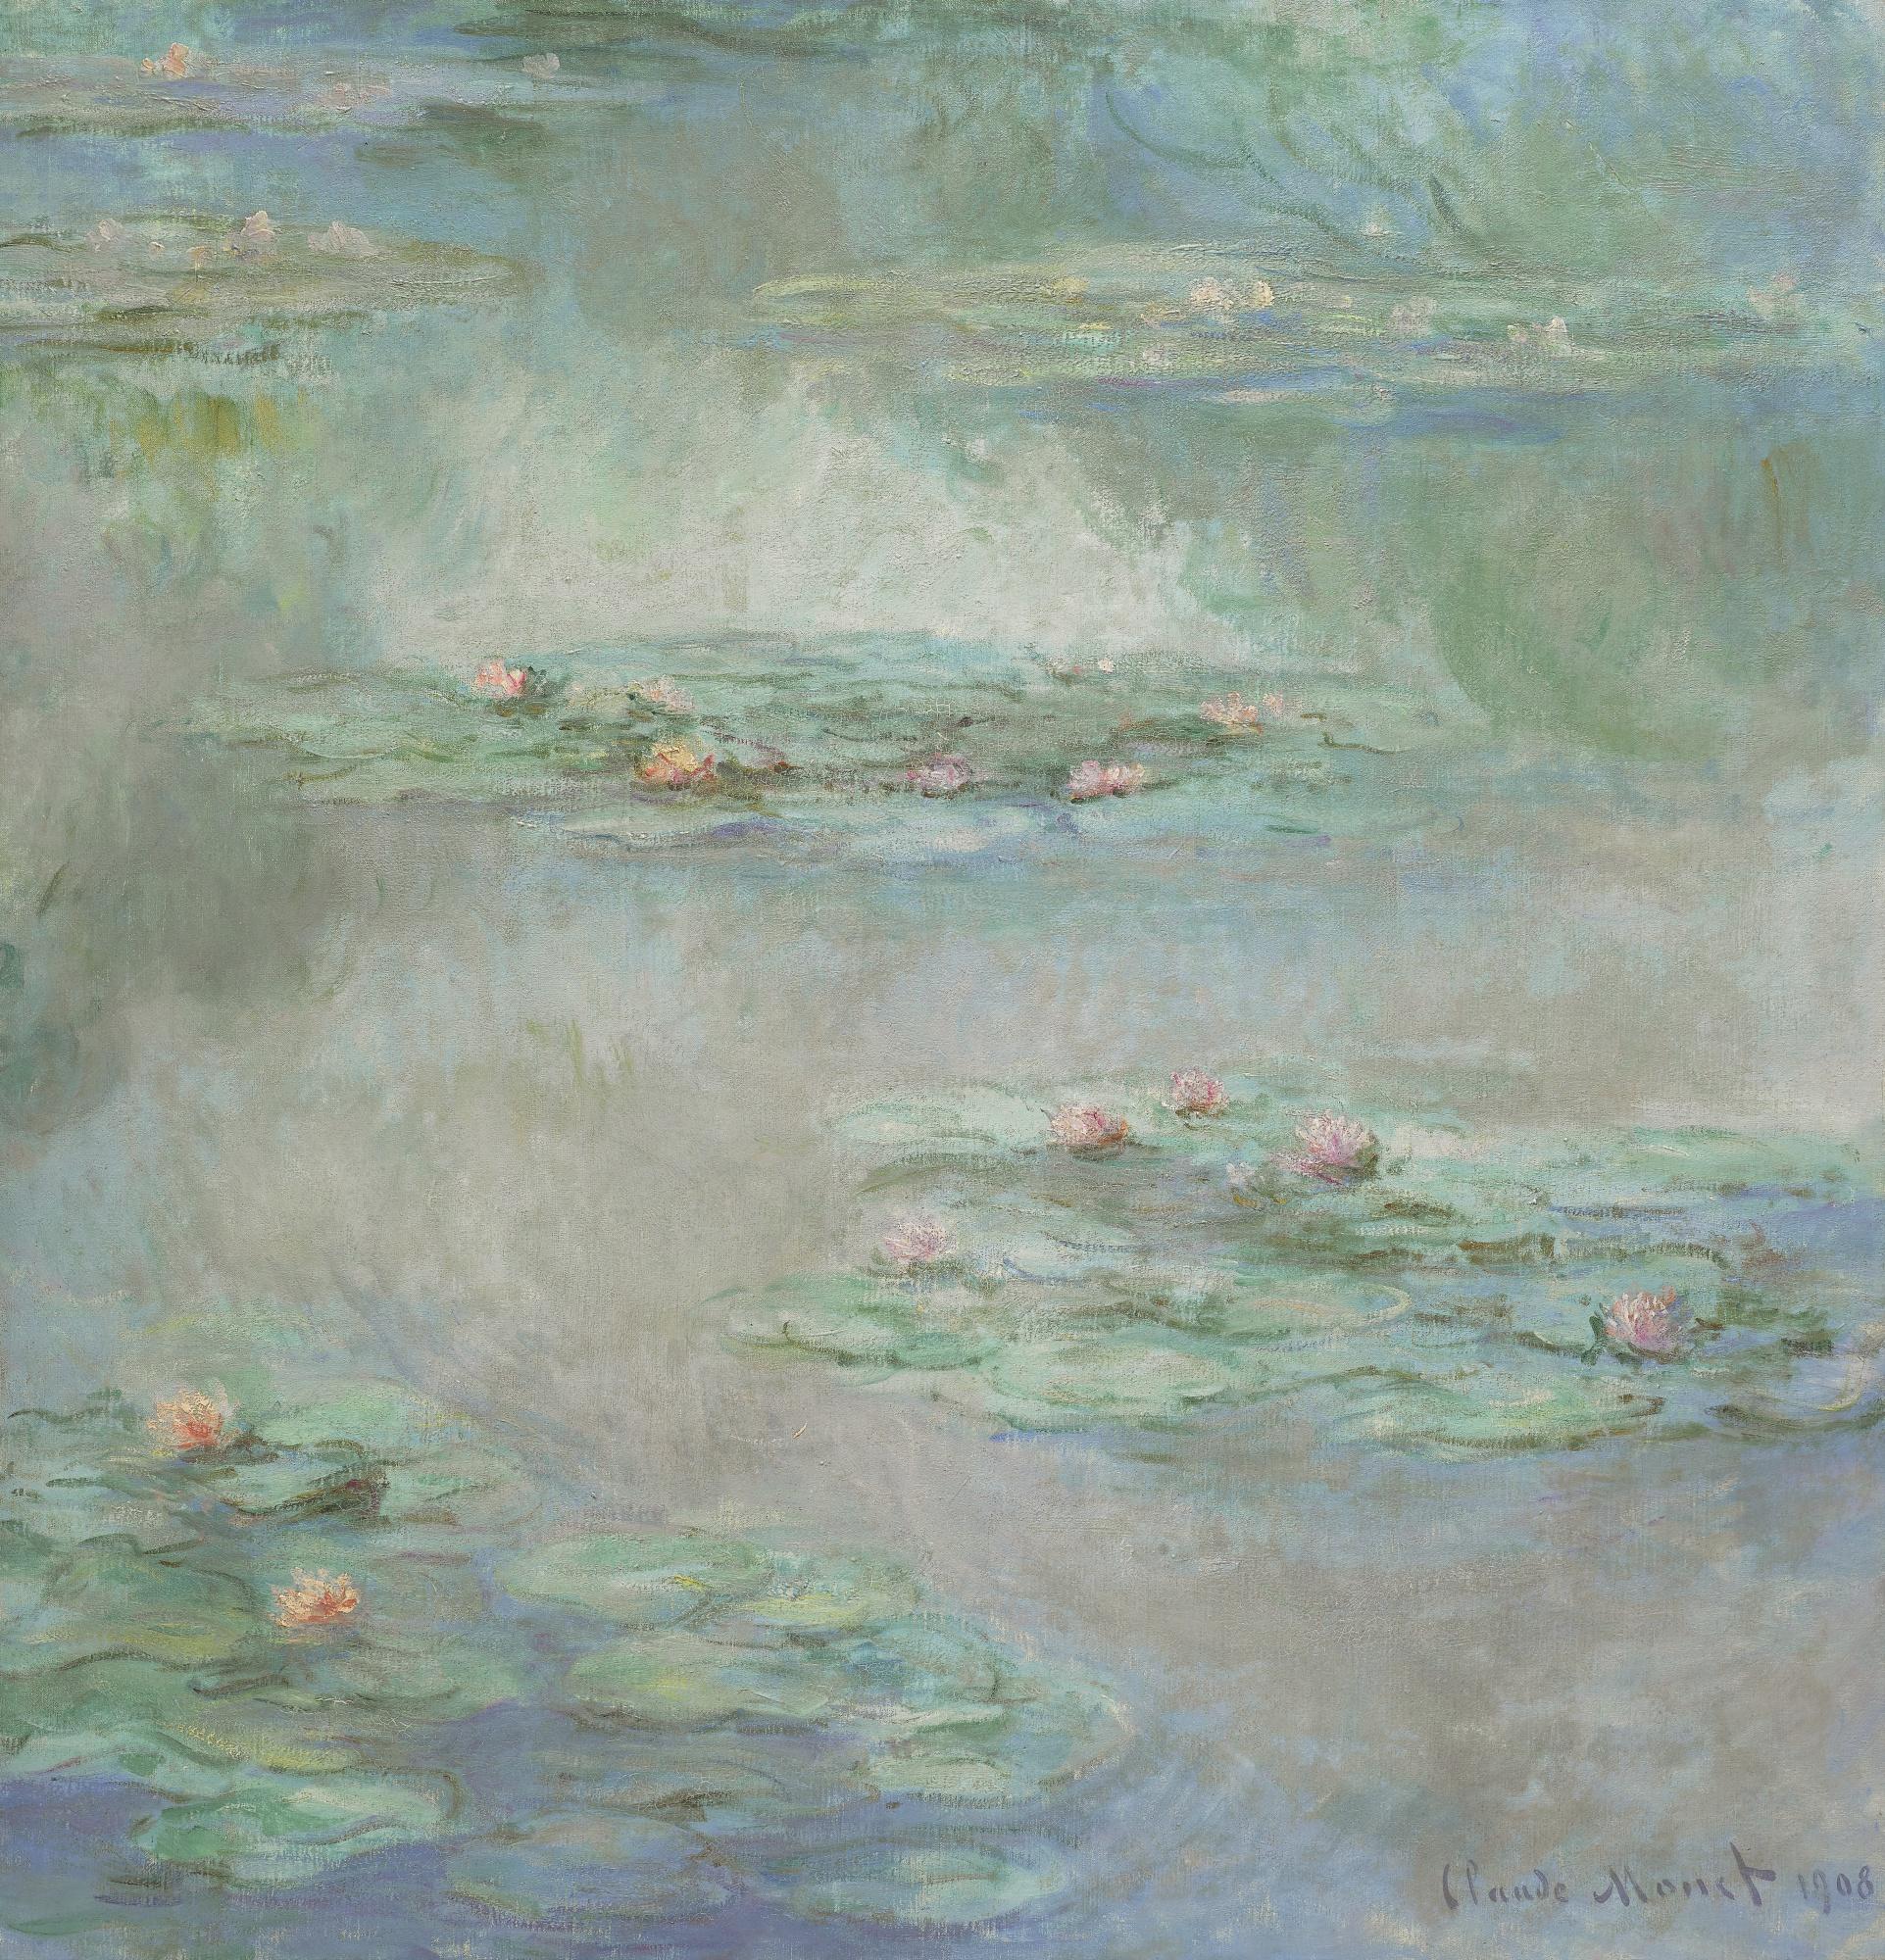 98,9 milioni da Sotheby's a Londra. Top price per Monet (senza scintille). Nuovi record per Glarner e Kubin